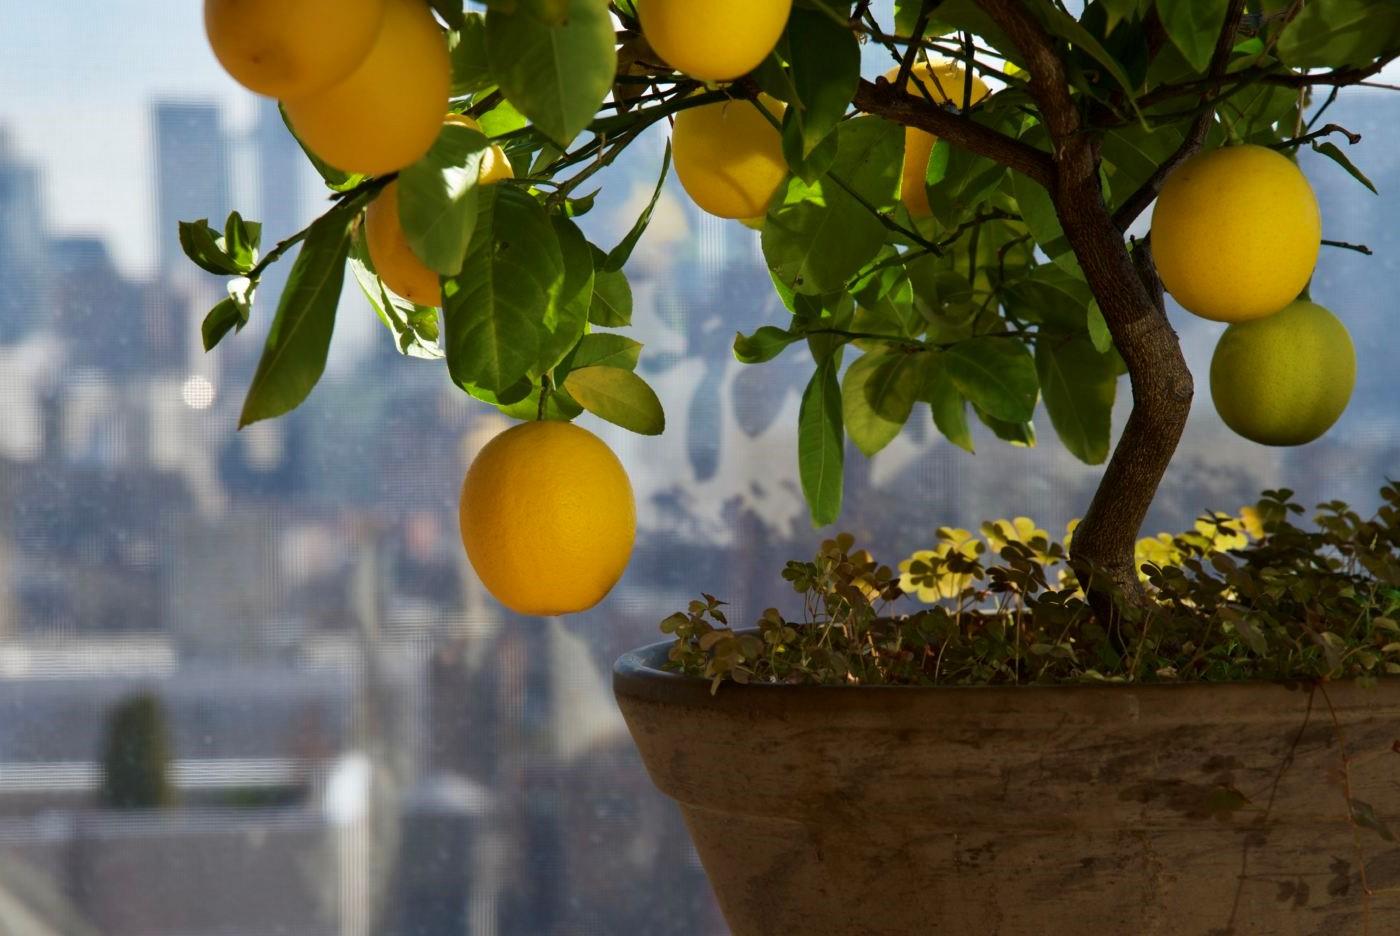 La circulation d'air aidera à garder l'arbre en bonne santé.